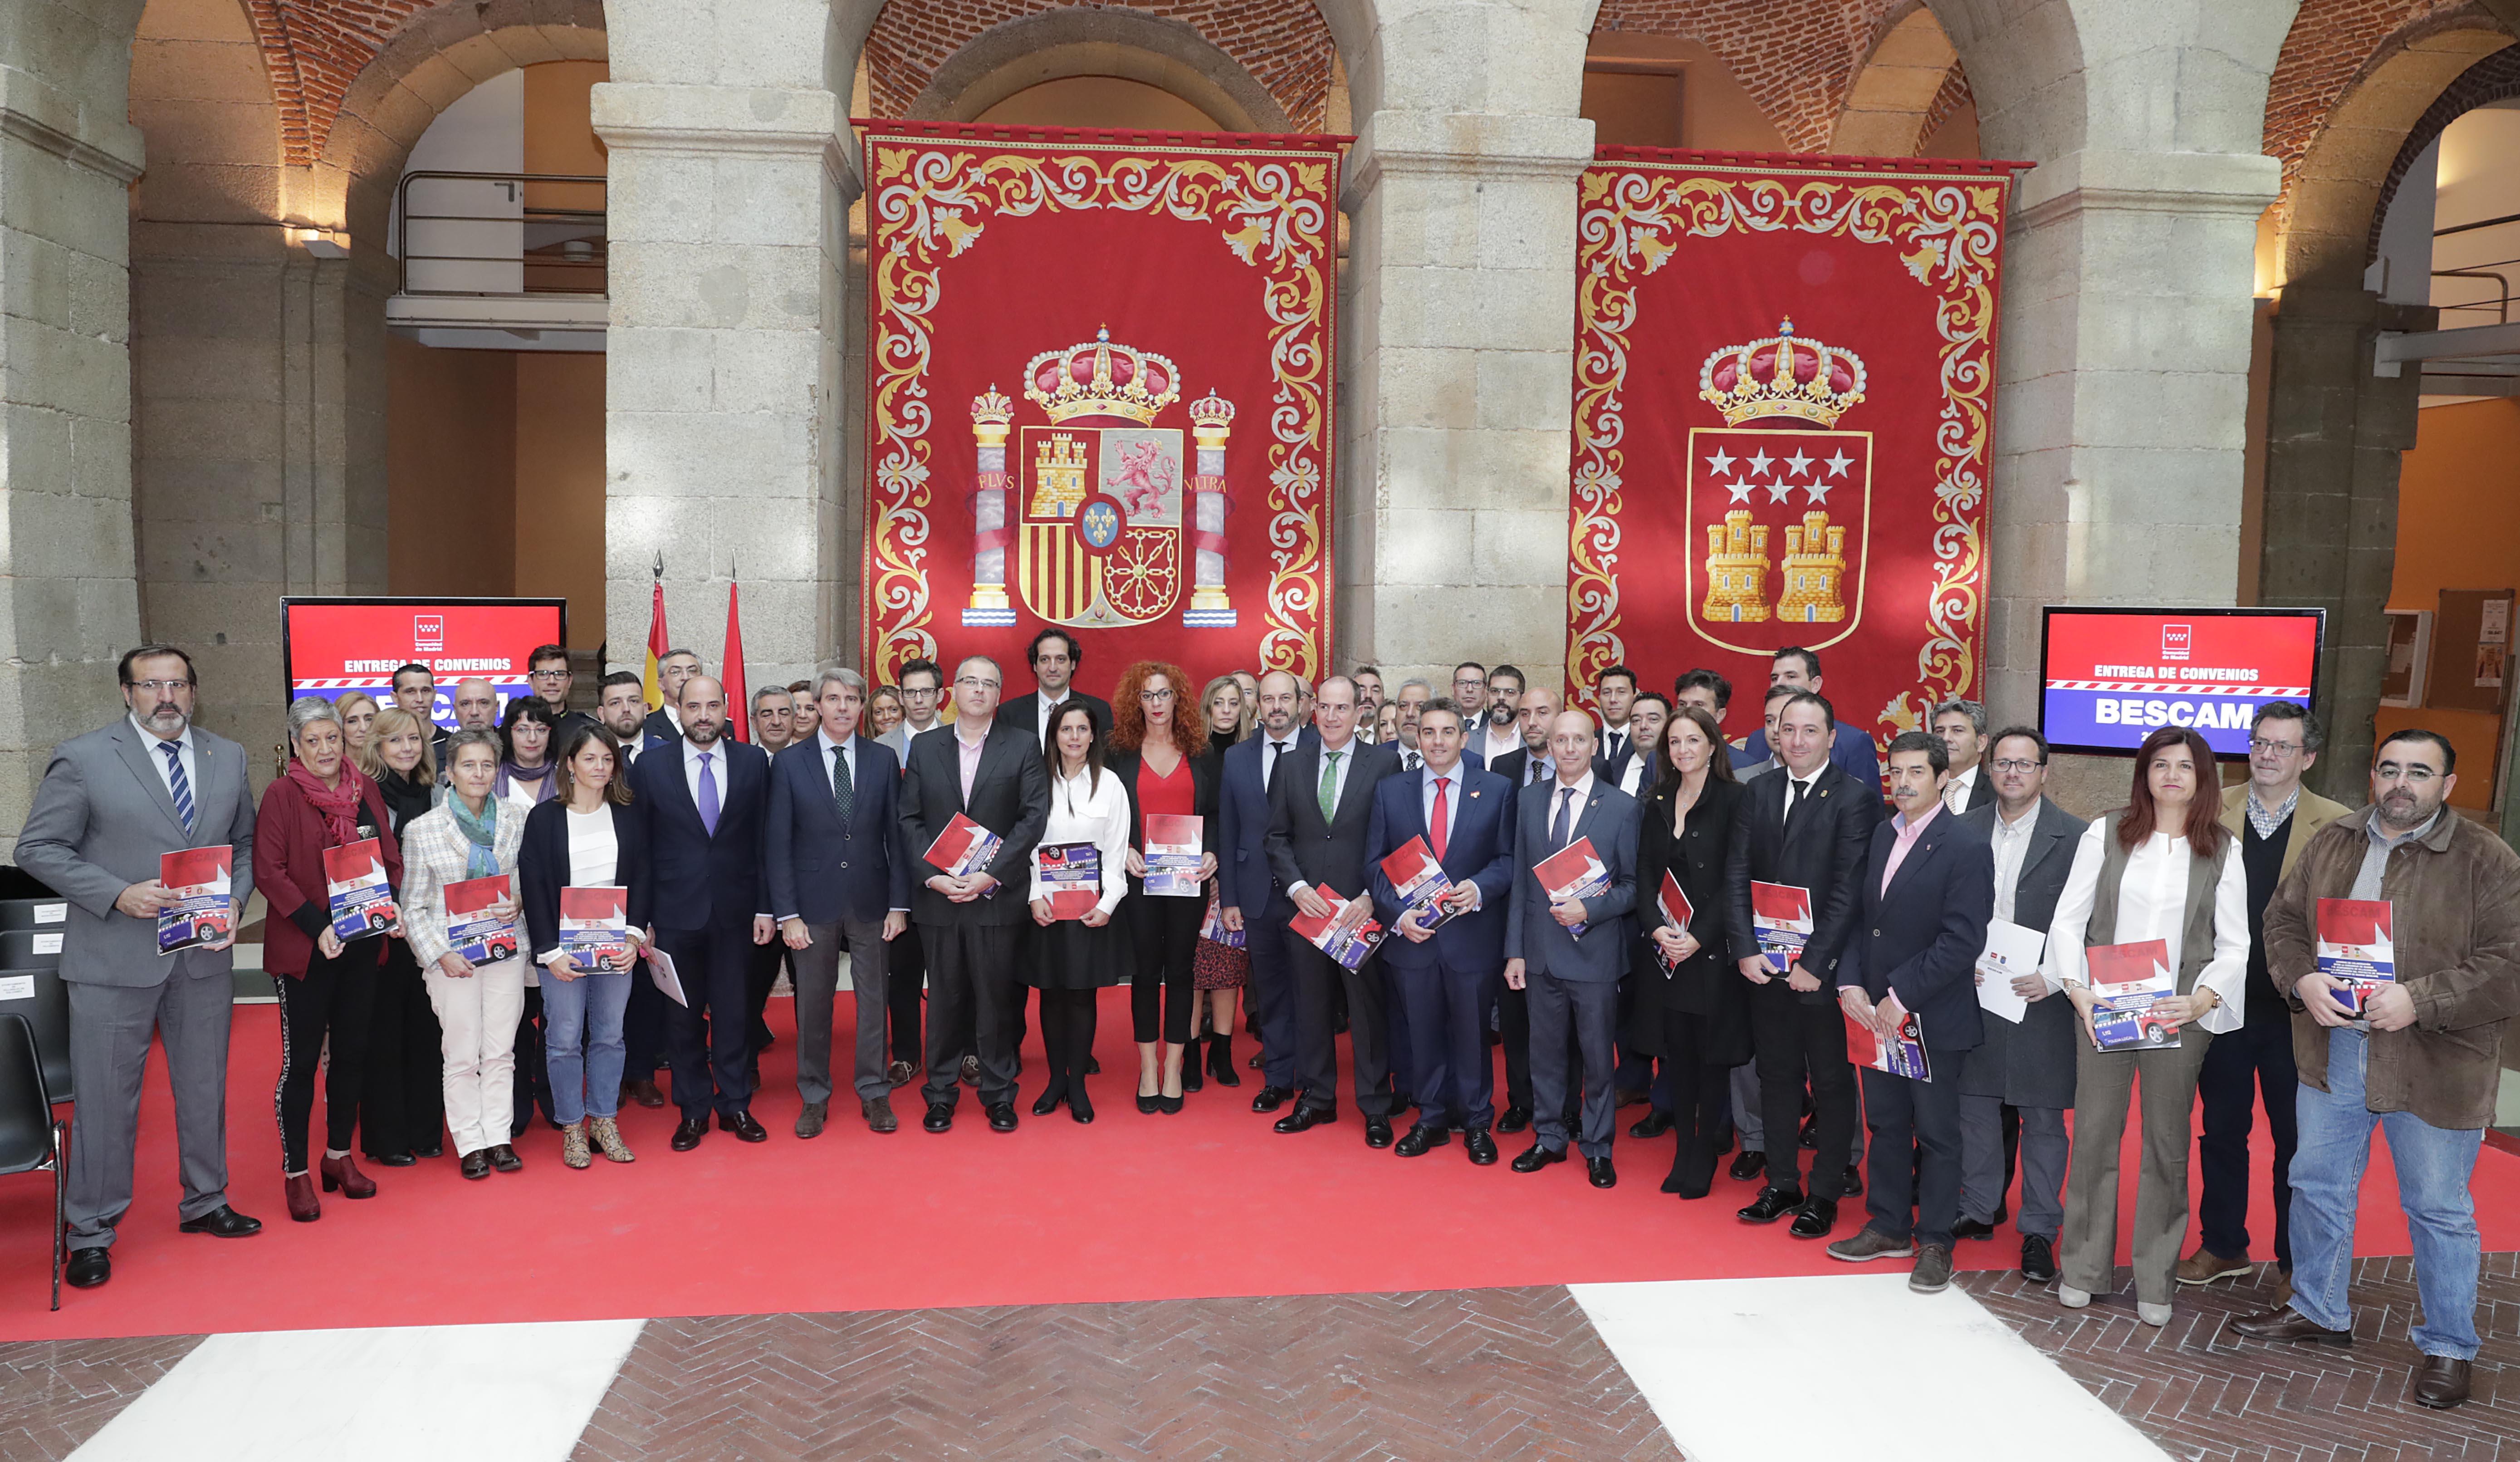 La Alcaldesa de Velilla recogió ayer el convenio de colaboración de la BESCAM